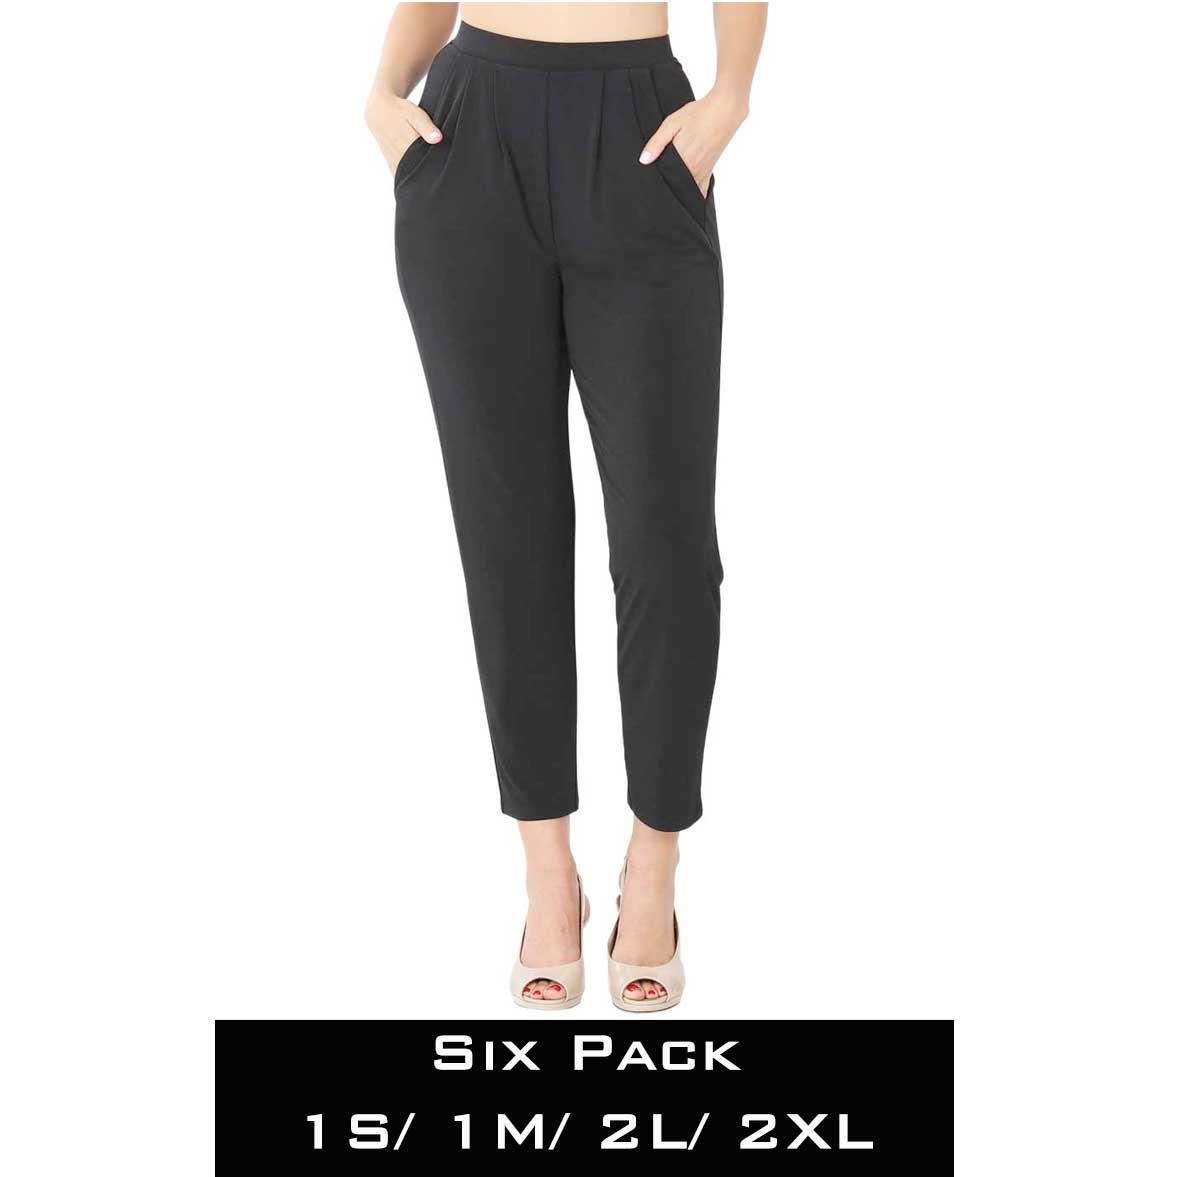 Ity Pleated Waist Pants w/ Side Pockets 10019